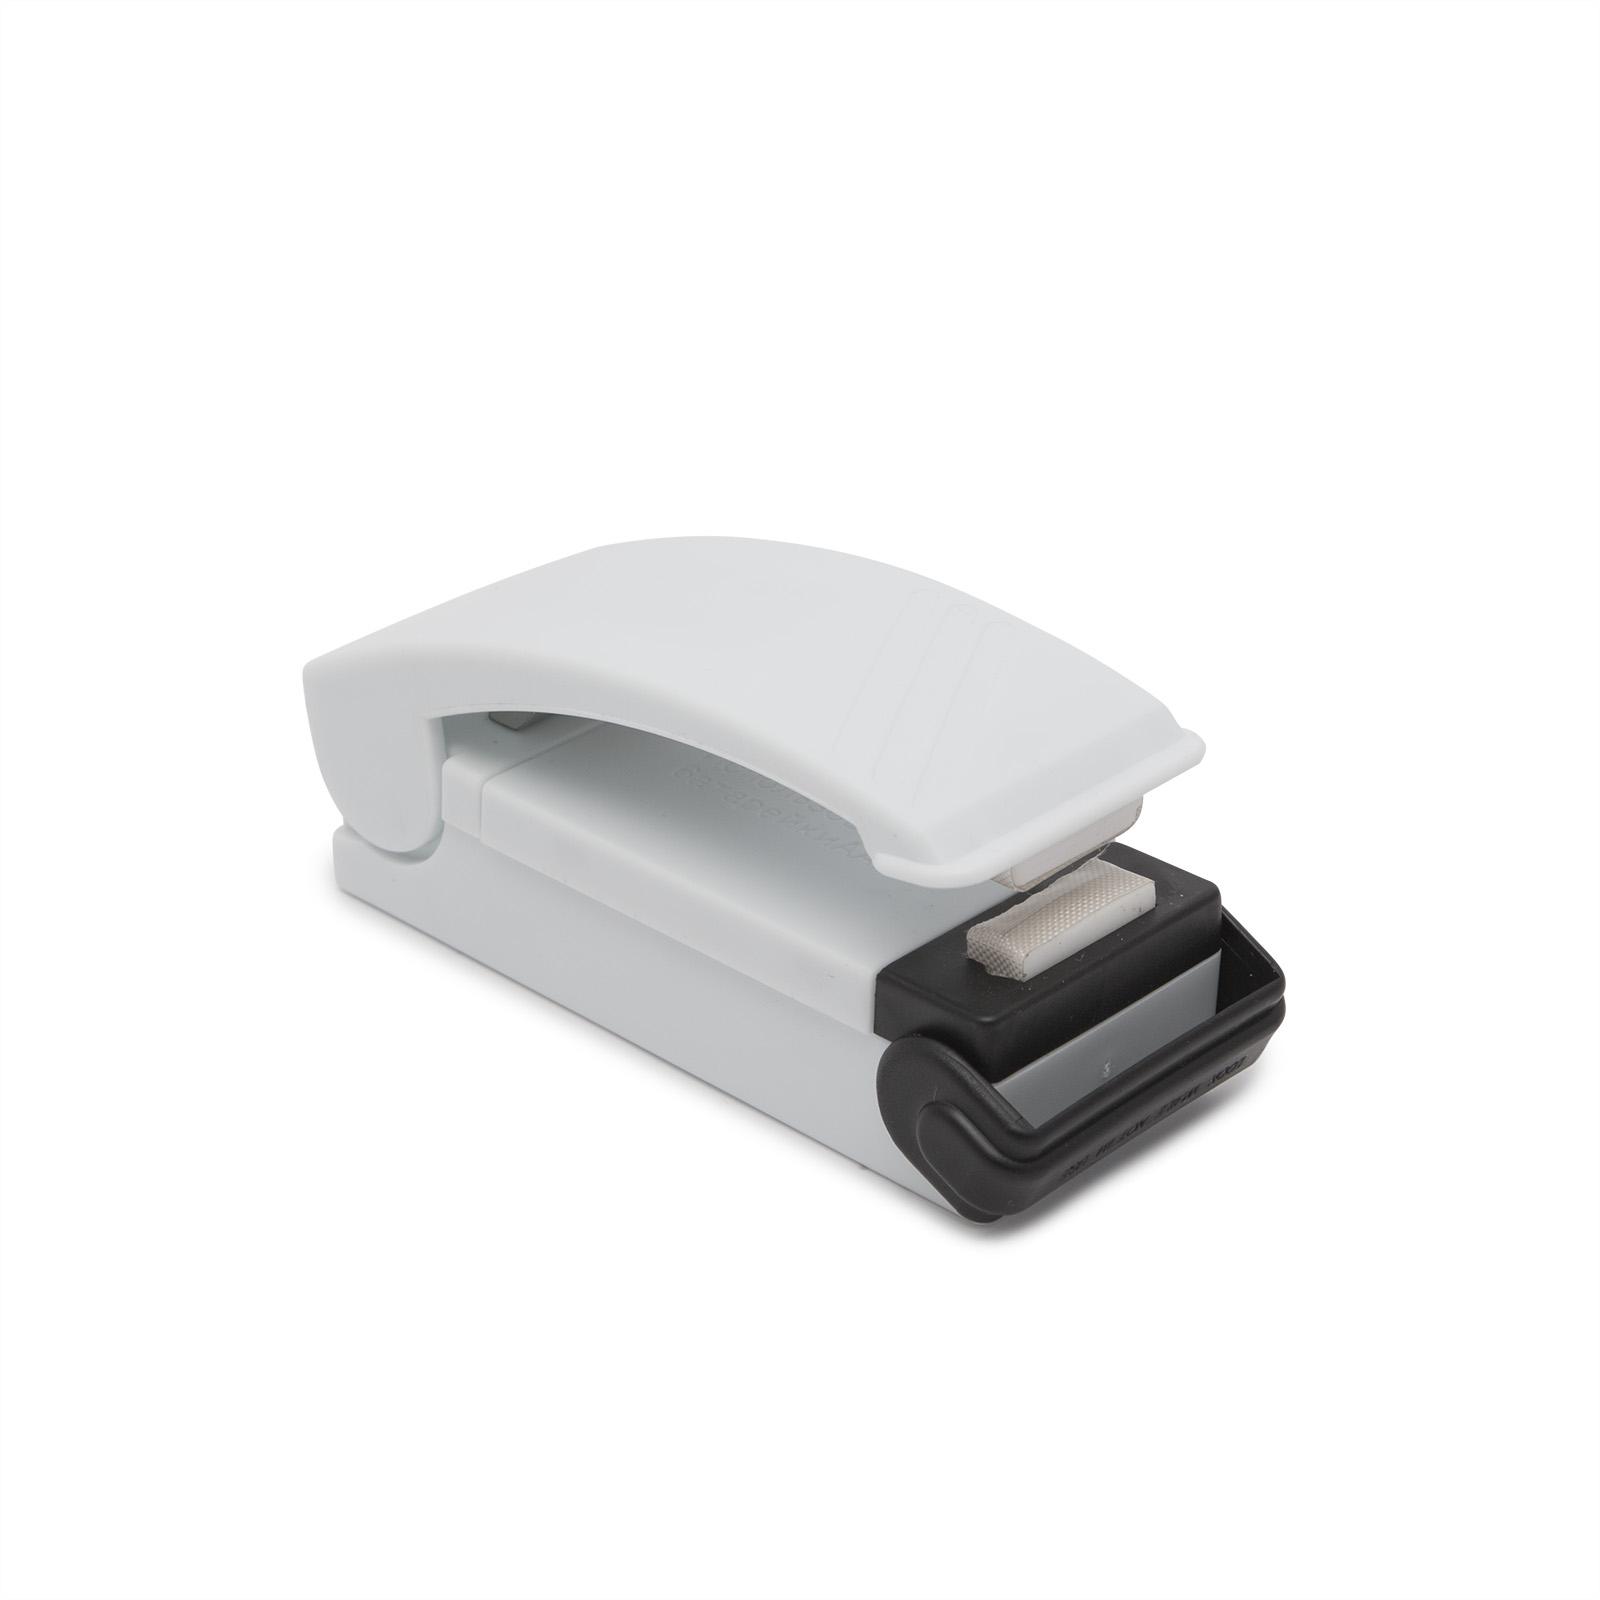 Mini kézi fóliahegesztő elektromos (Fóliahegesztő)